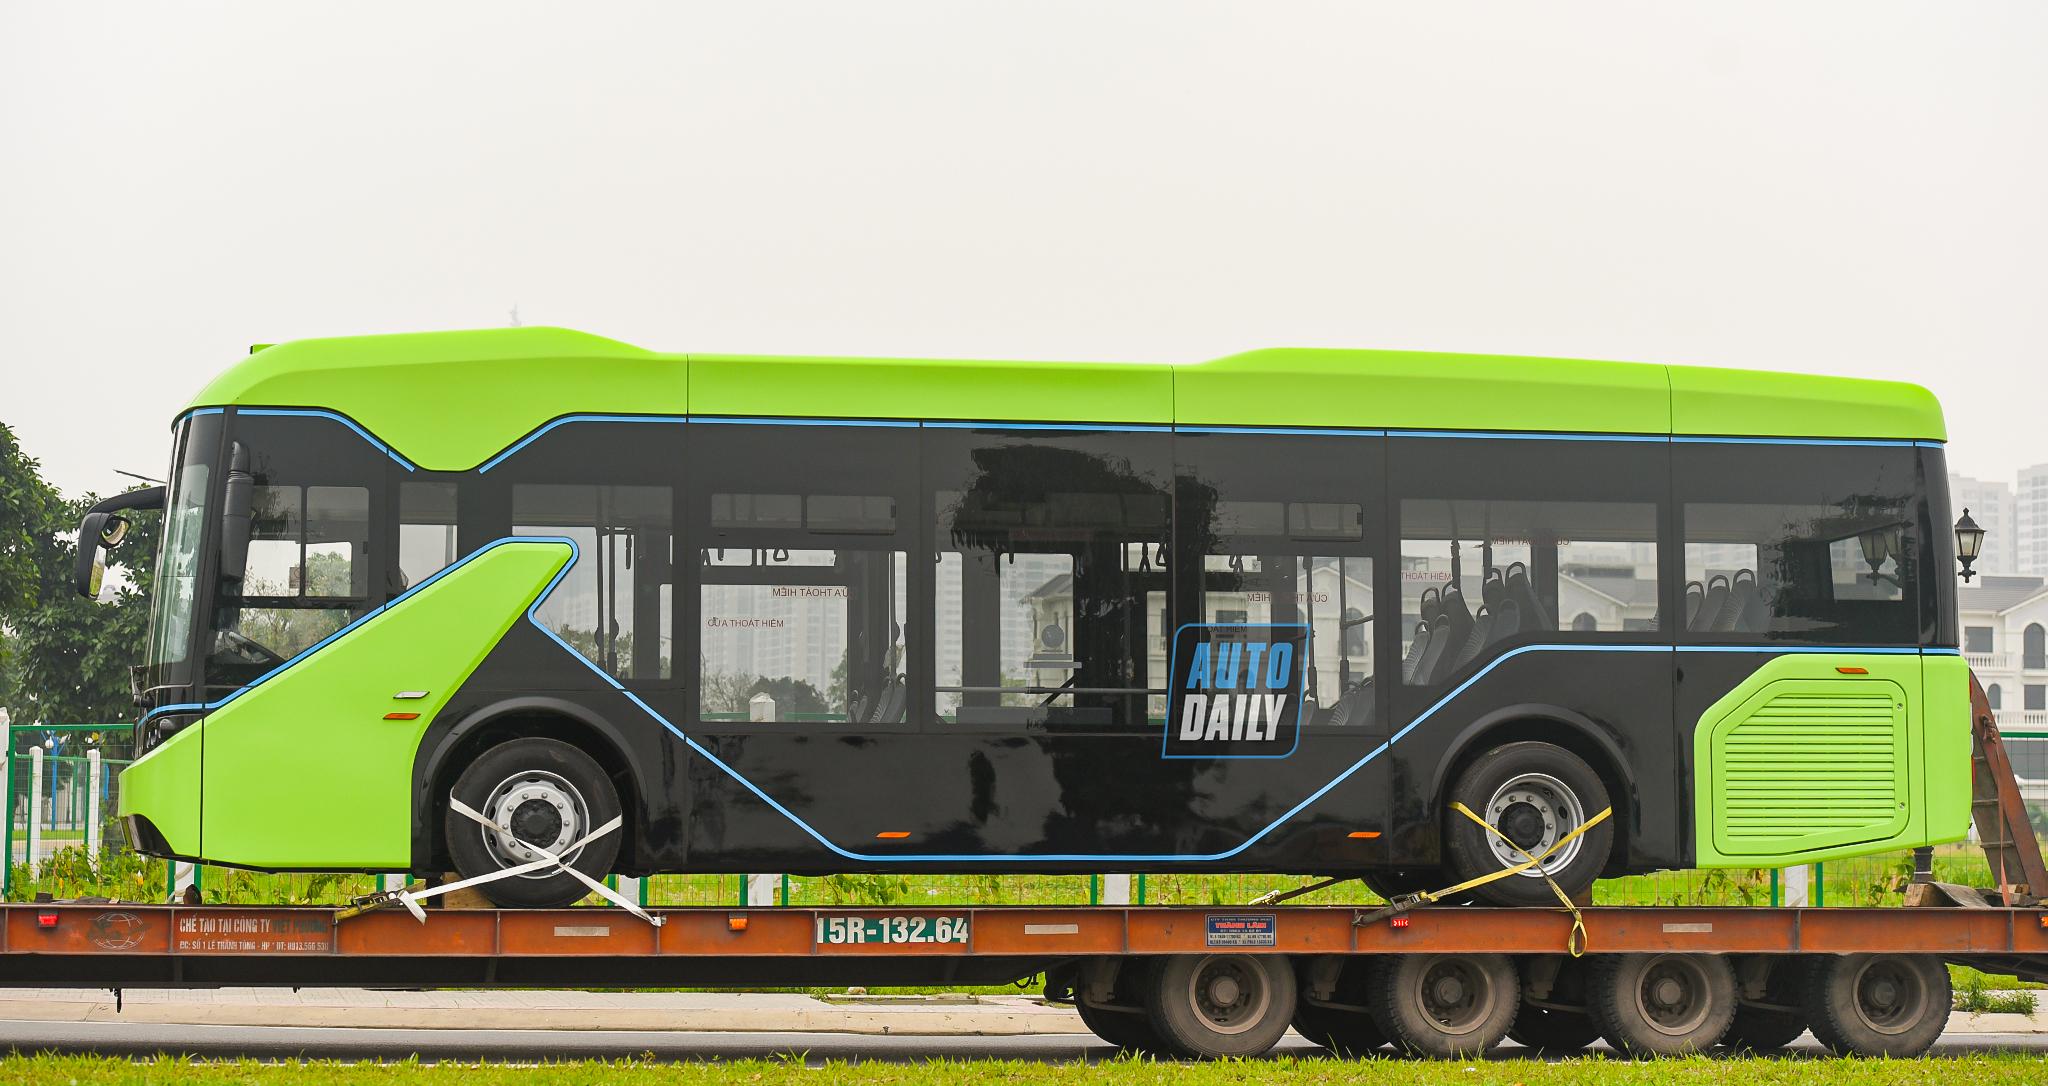 Chùm ảnh loạt xe Bus điện VinFast có mặt tại Hà Nội, sẵn sàng chạy thí điểm dsc-3857-copy.jpg